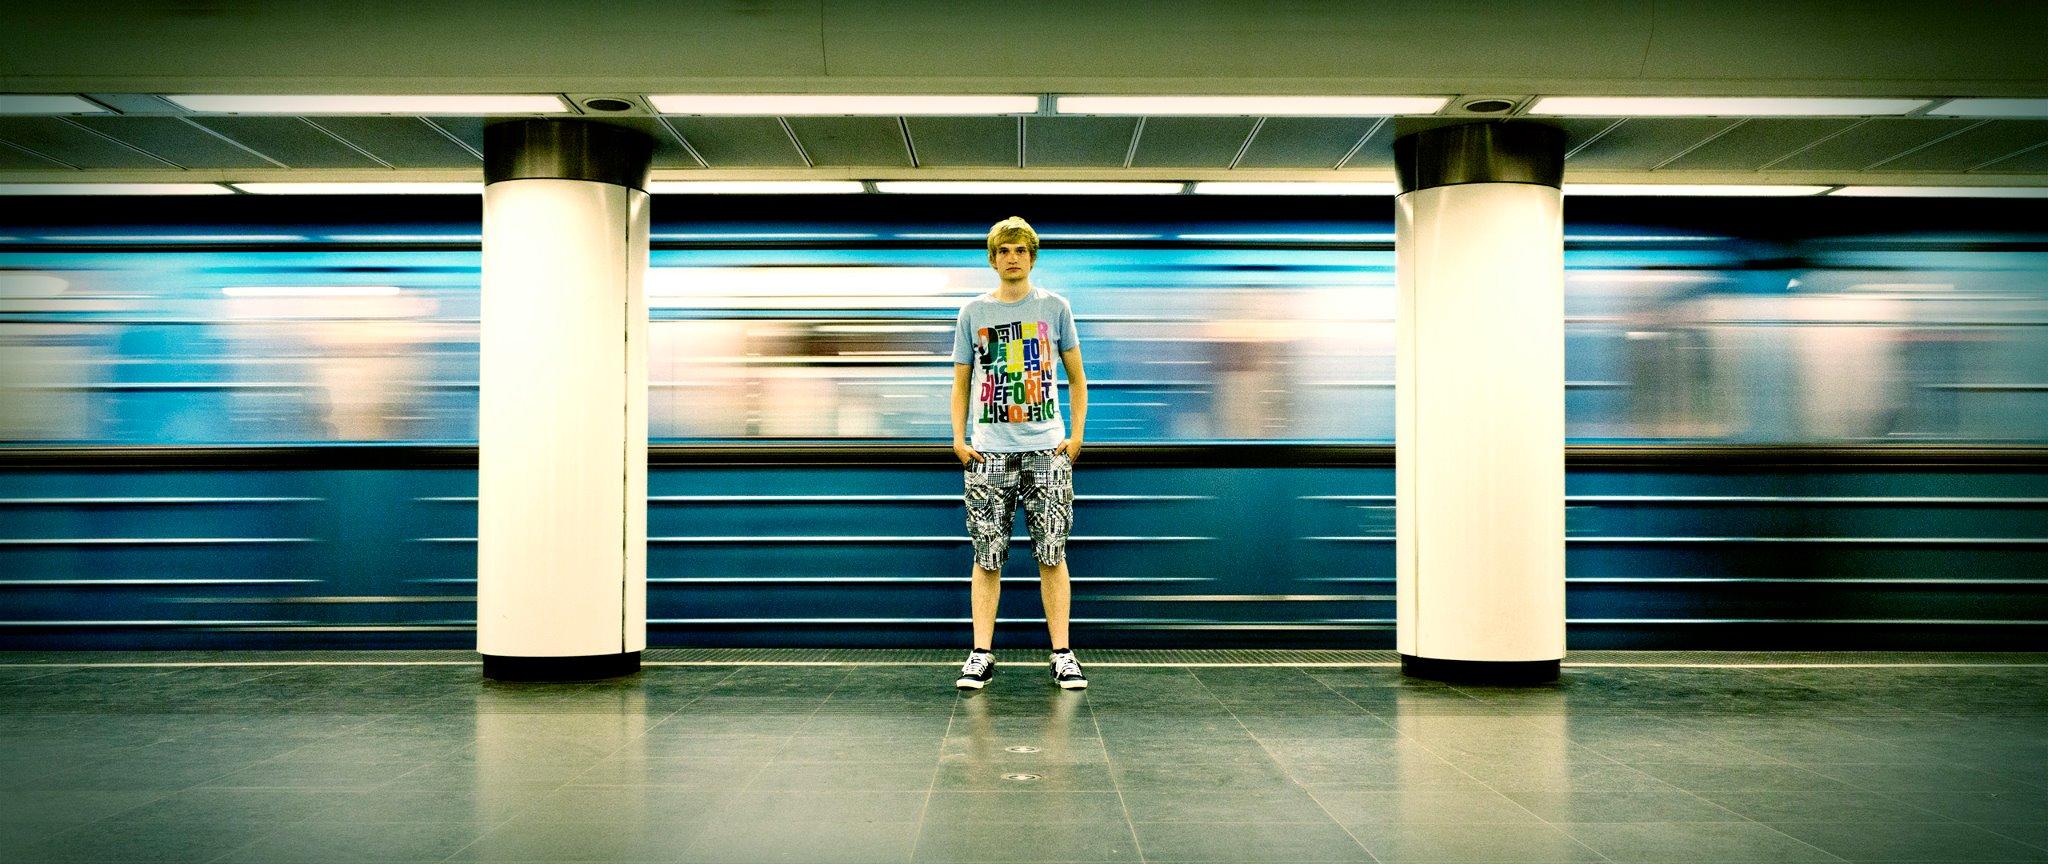 metrofoto budapest twanpeeters